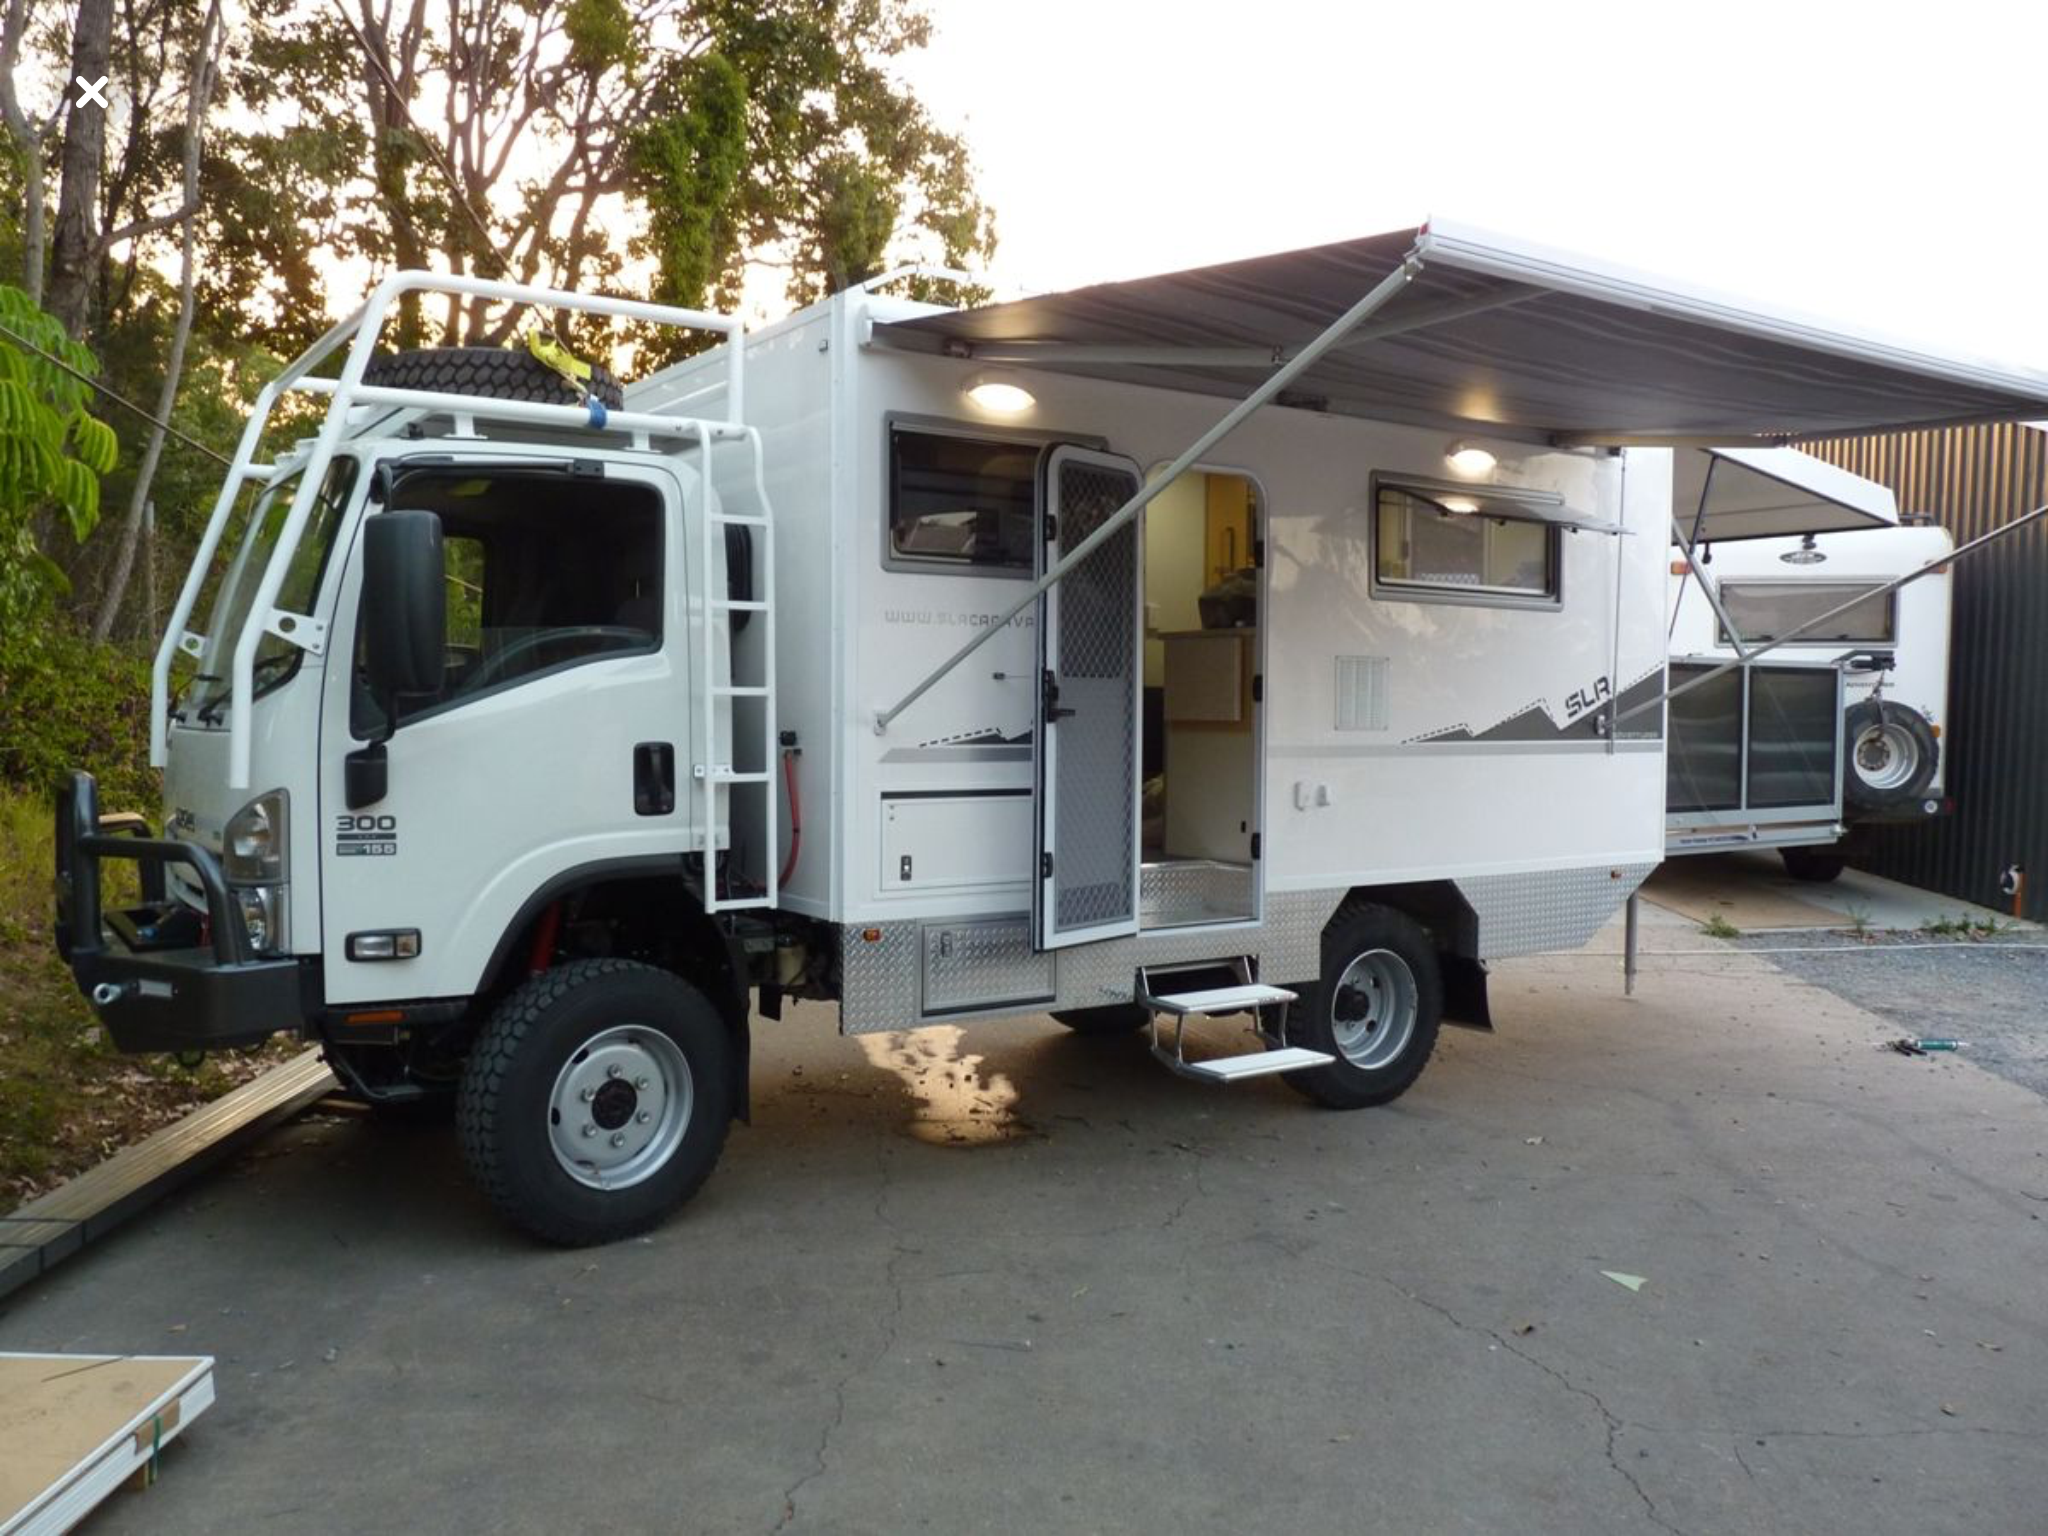 Mobili camper ~ Best camper images camper mobile home and